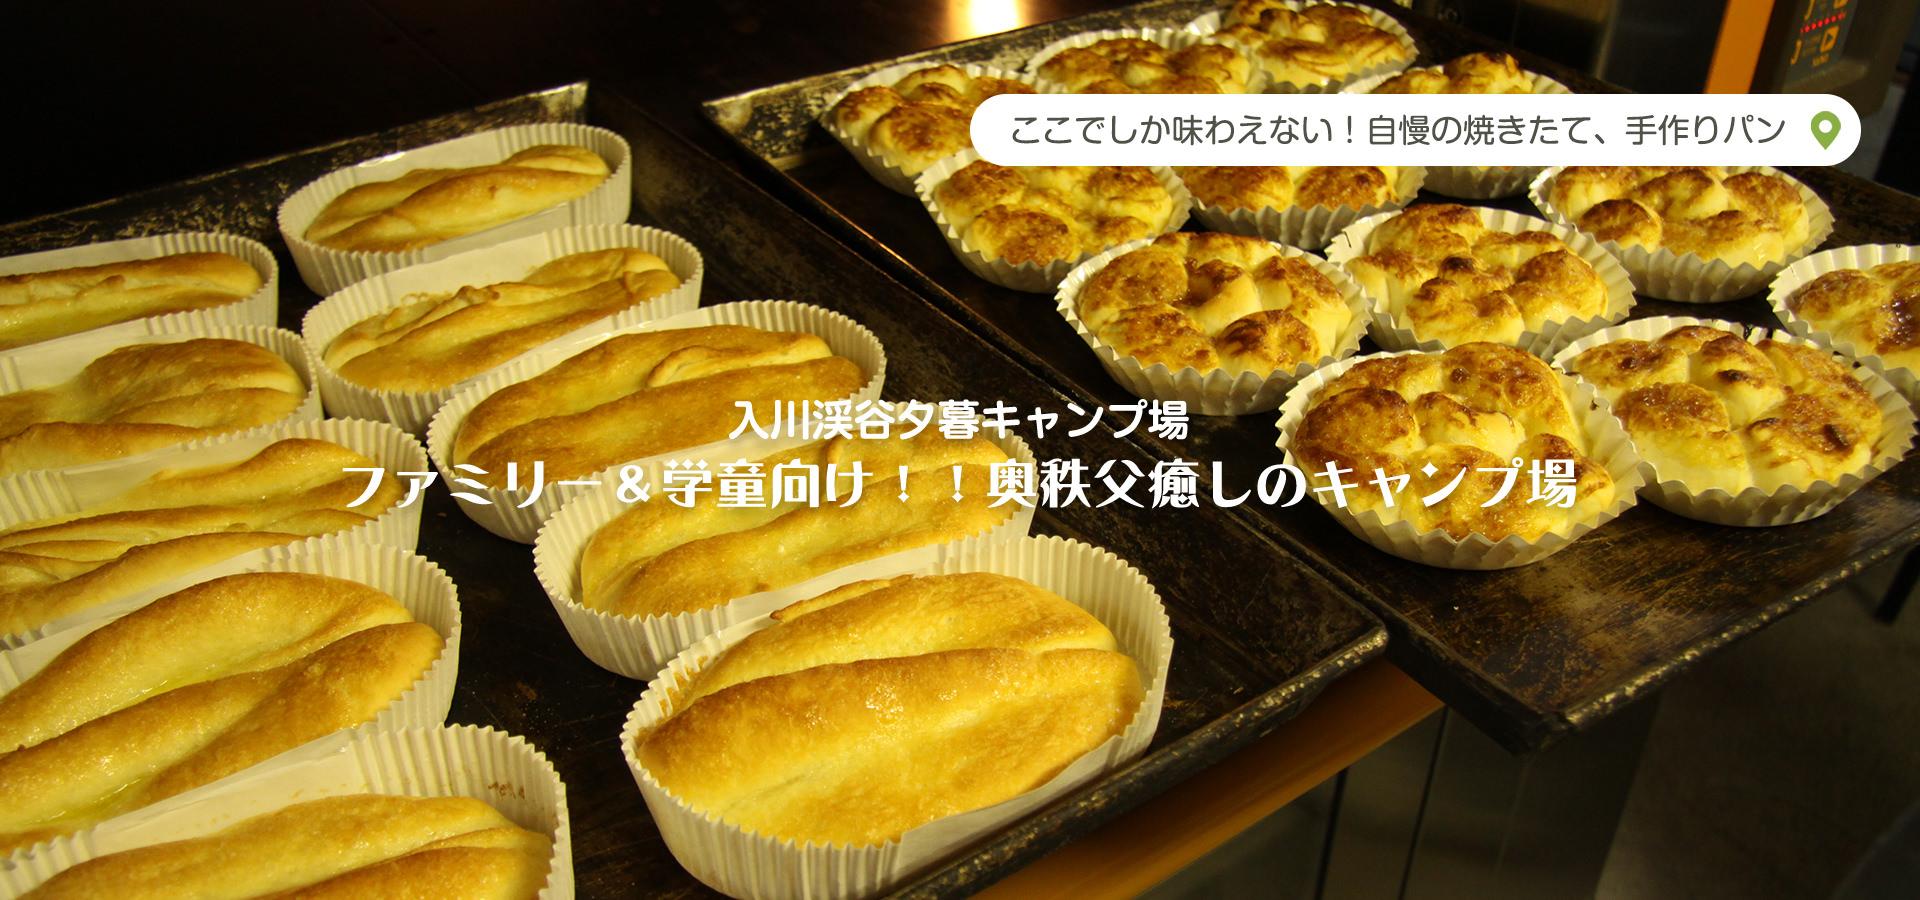 ここでしか味わえない!自慢の焼きたて、手作りパン